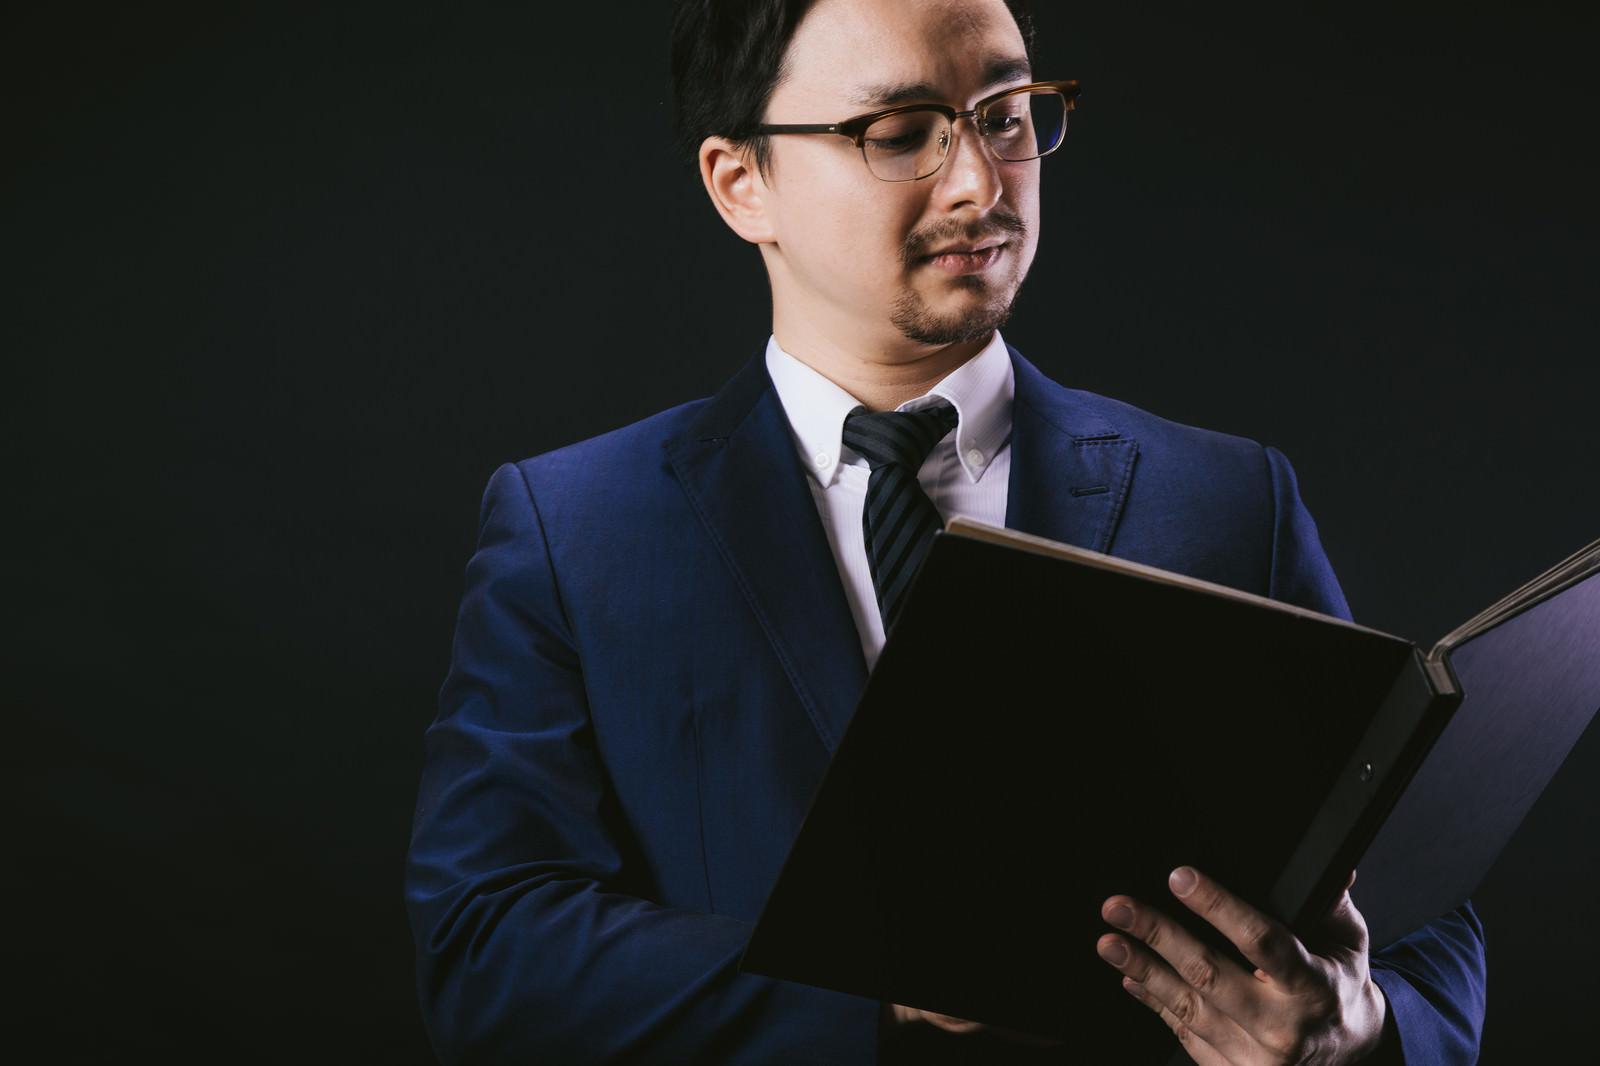 「GDPR施行に伴い規約変更を行うリーガル担当」の写真[モデル:Max_Ezaki]